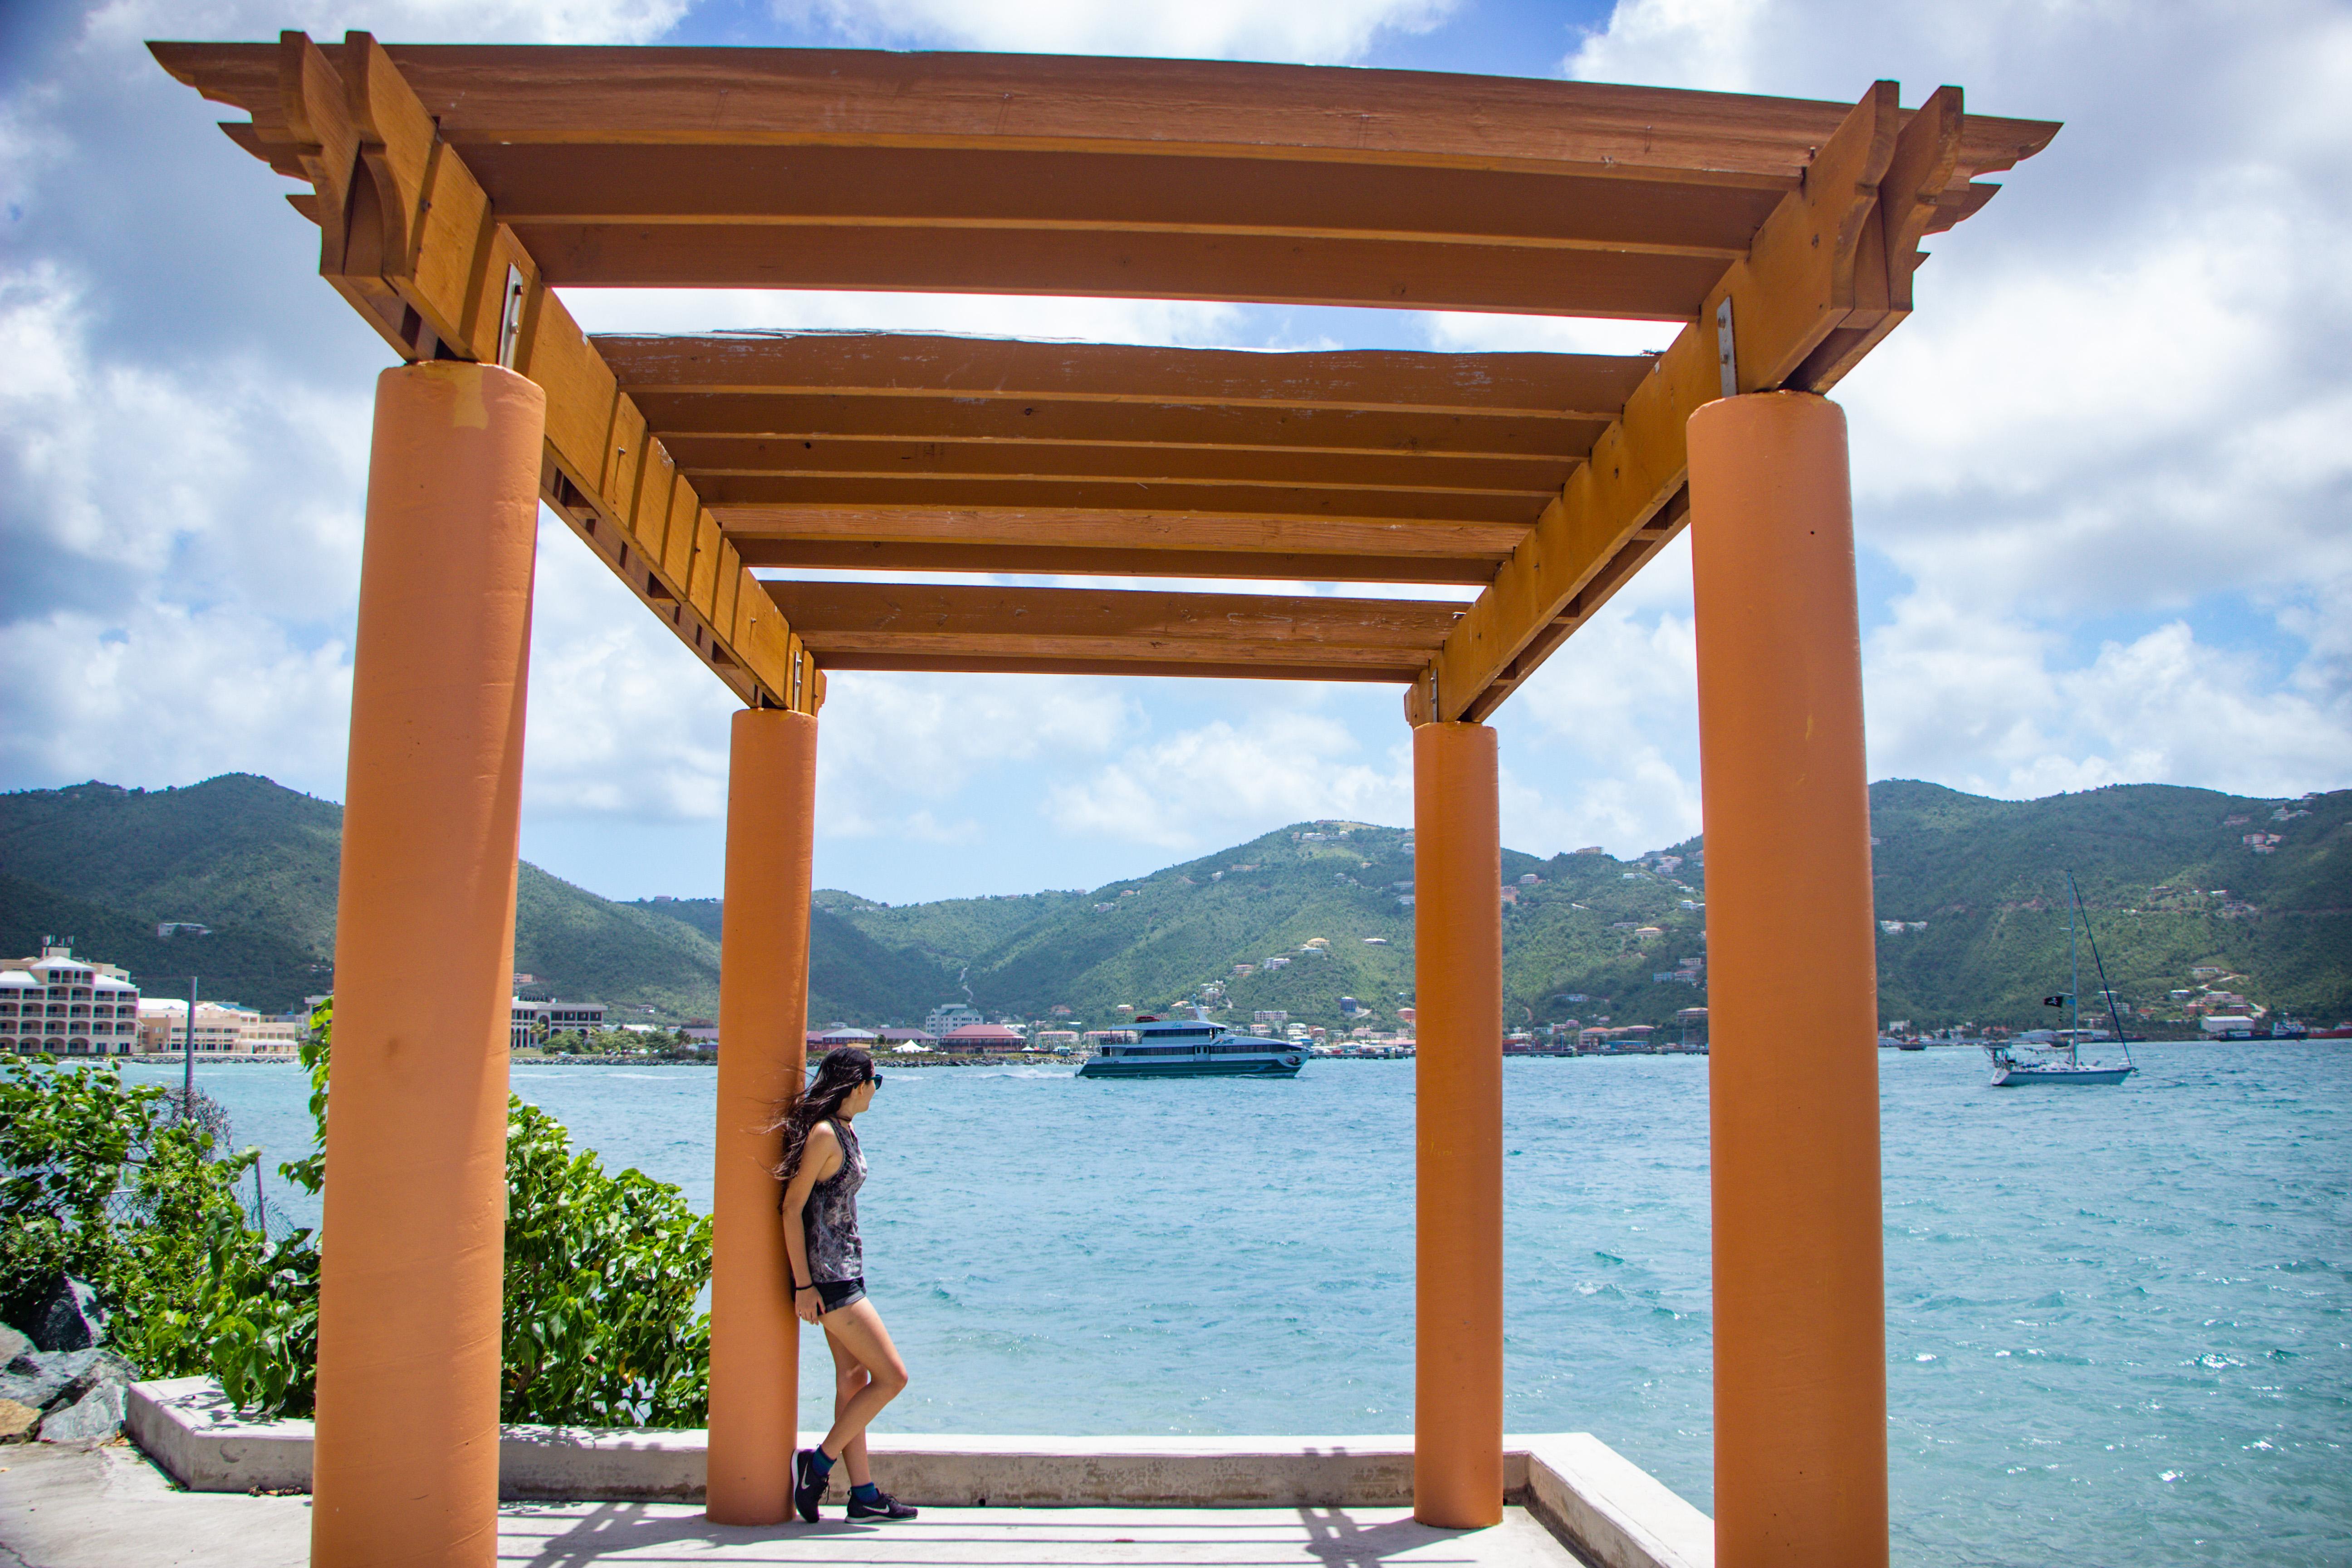 Queen Elizabeth II Park Tortola